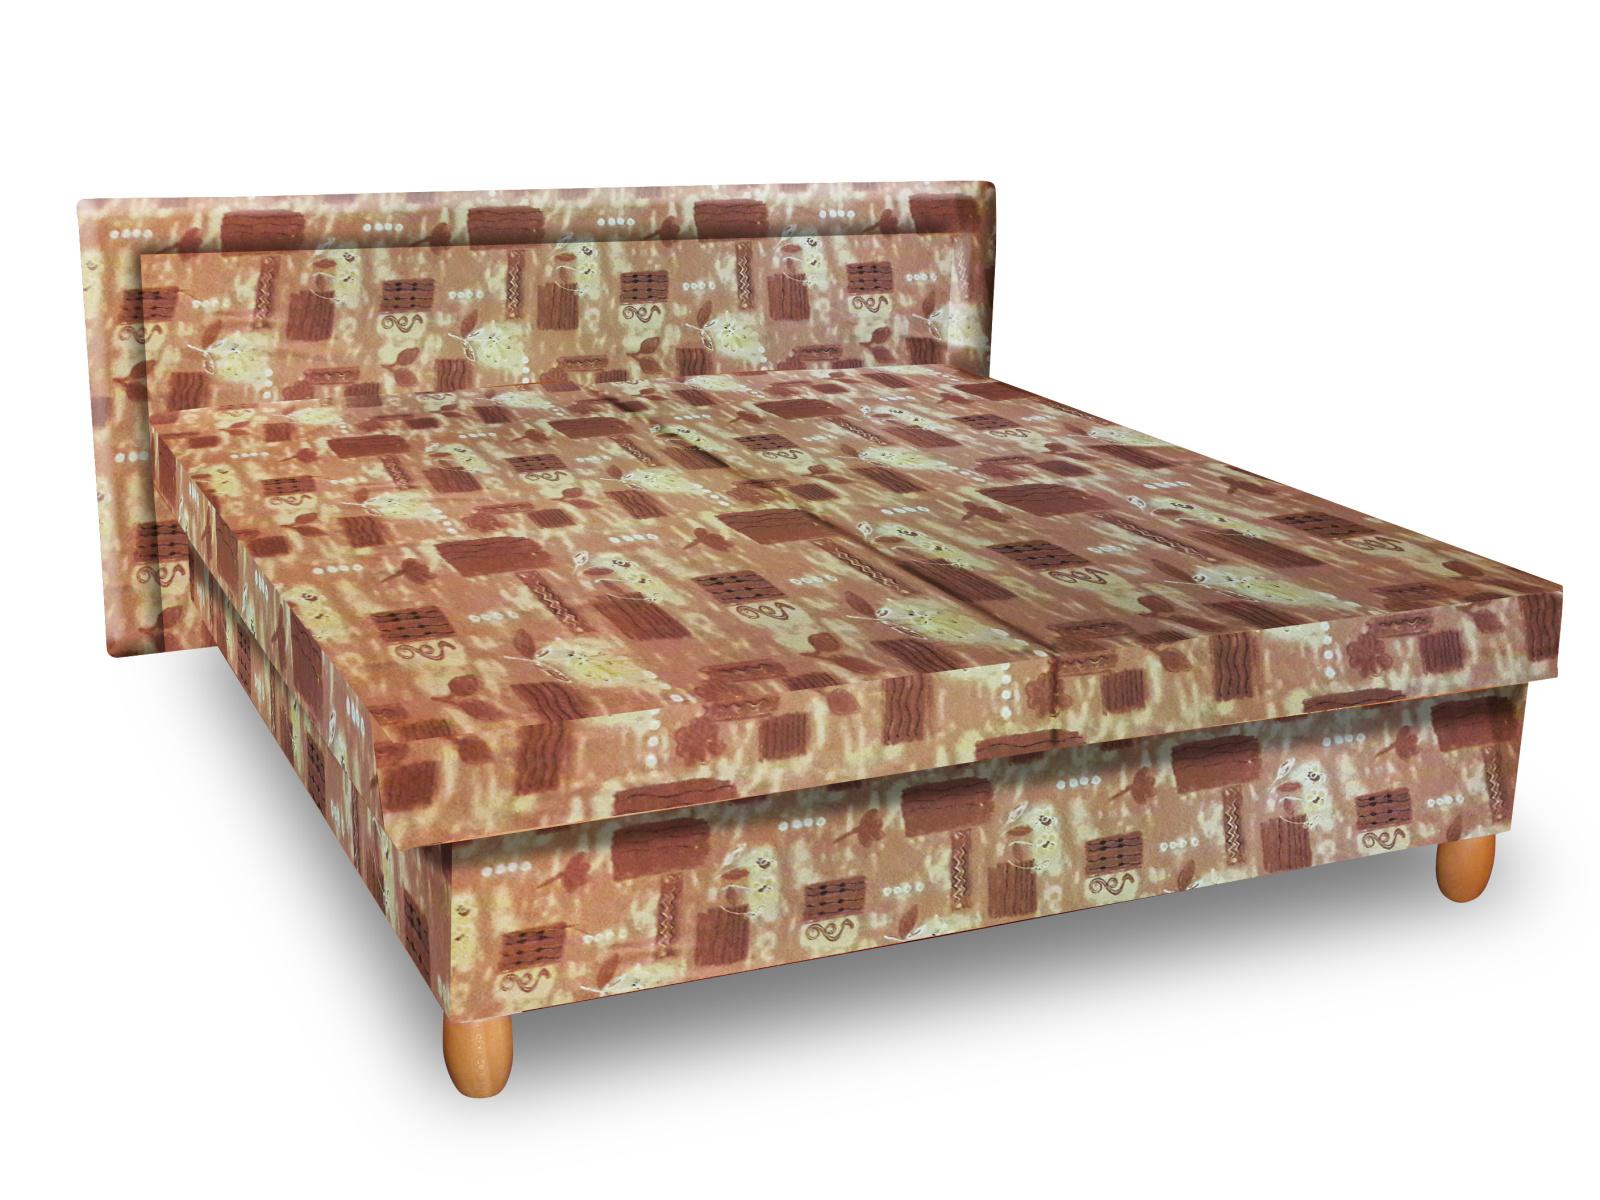 Smartshop Čalouněná postel IVA 140x200 cm, hnědá látka